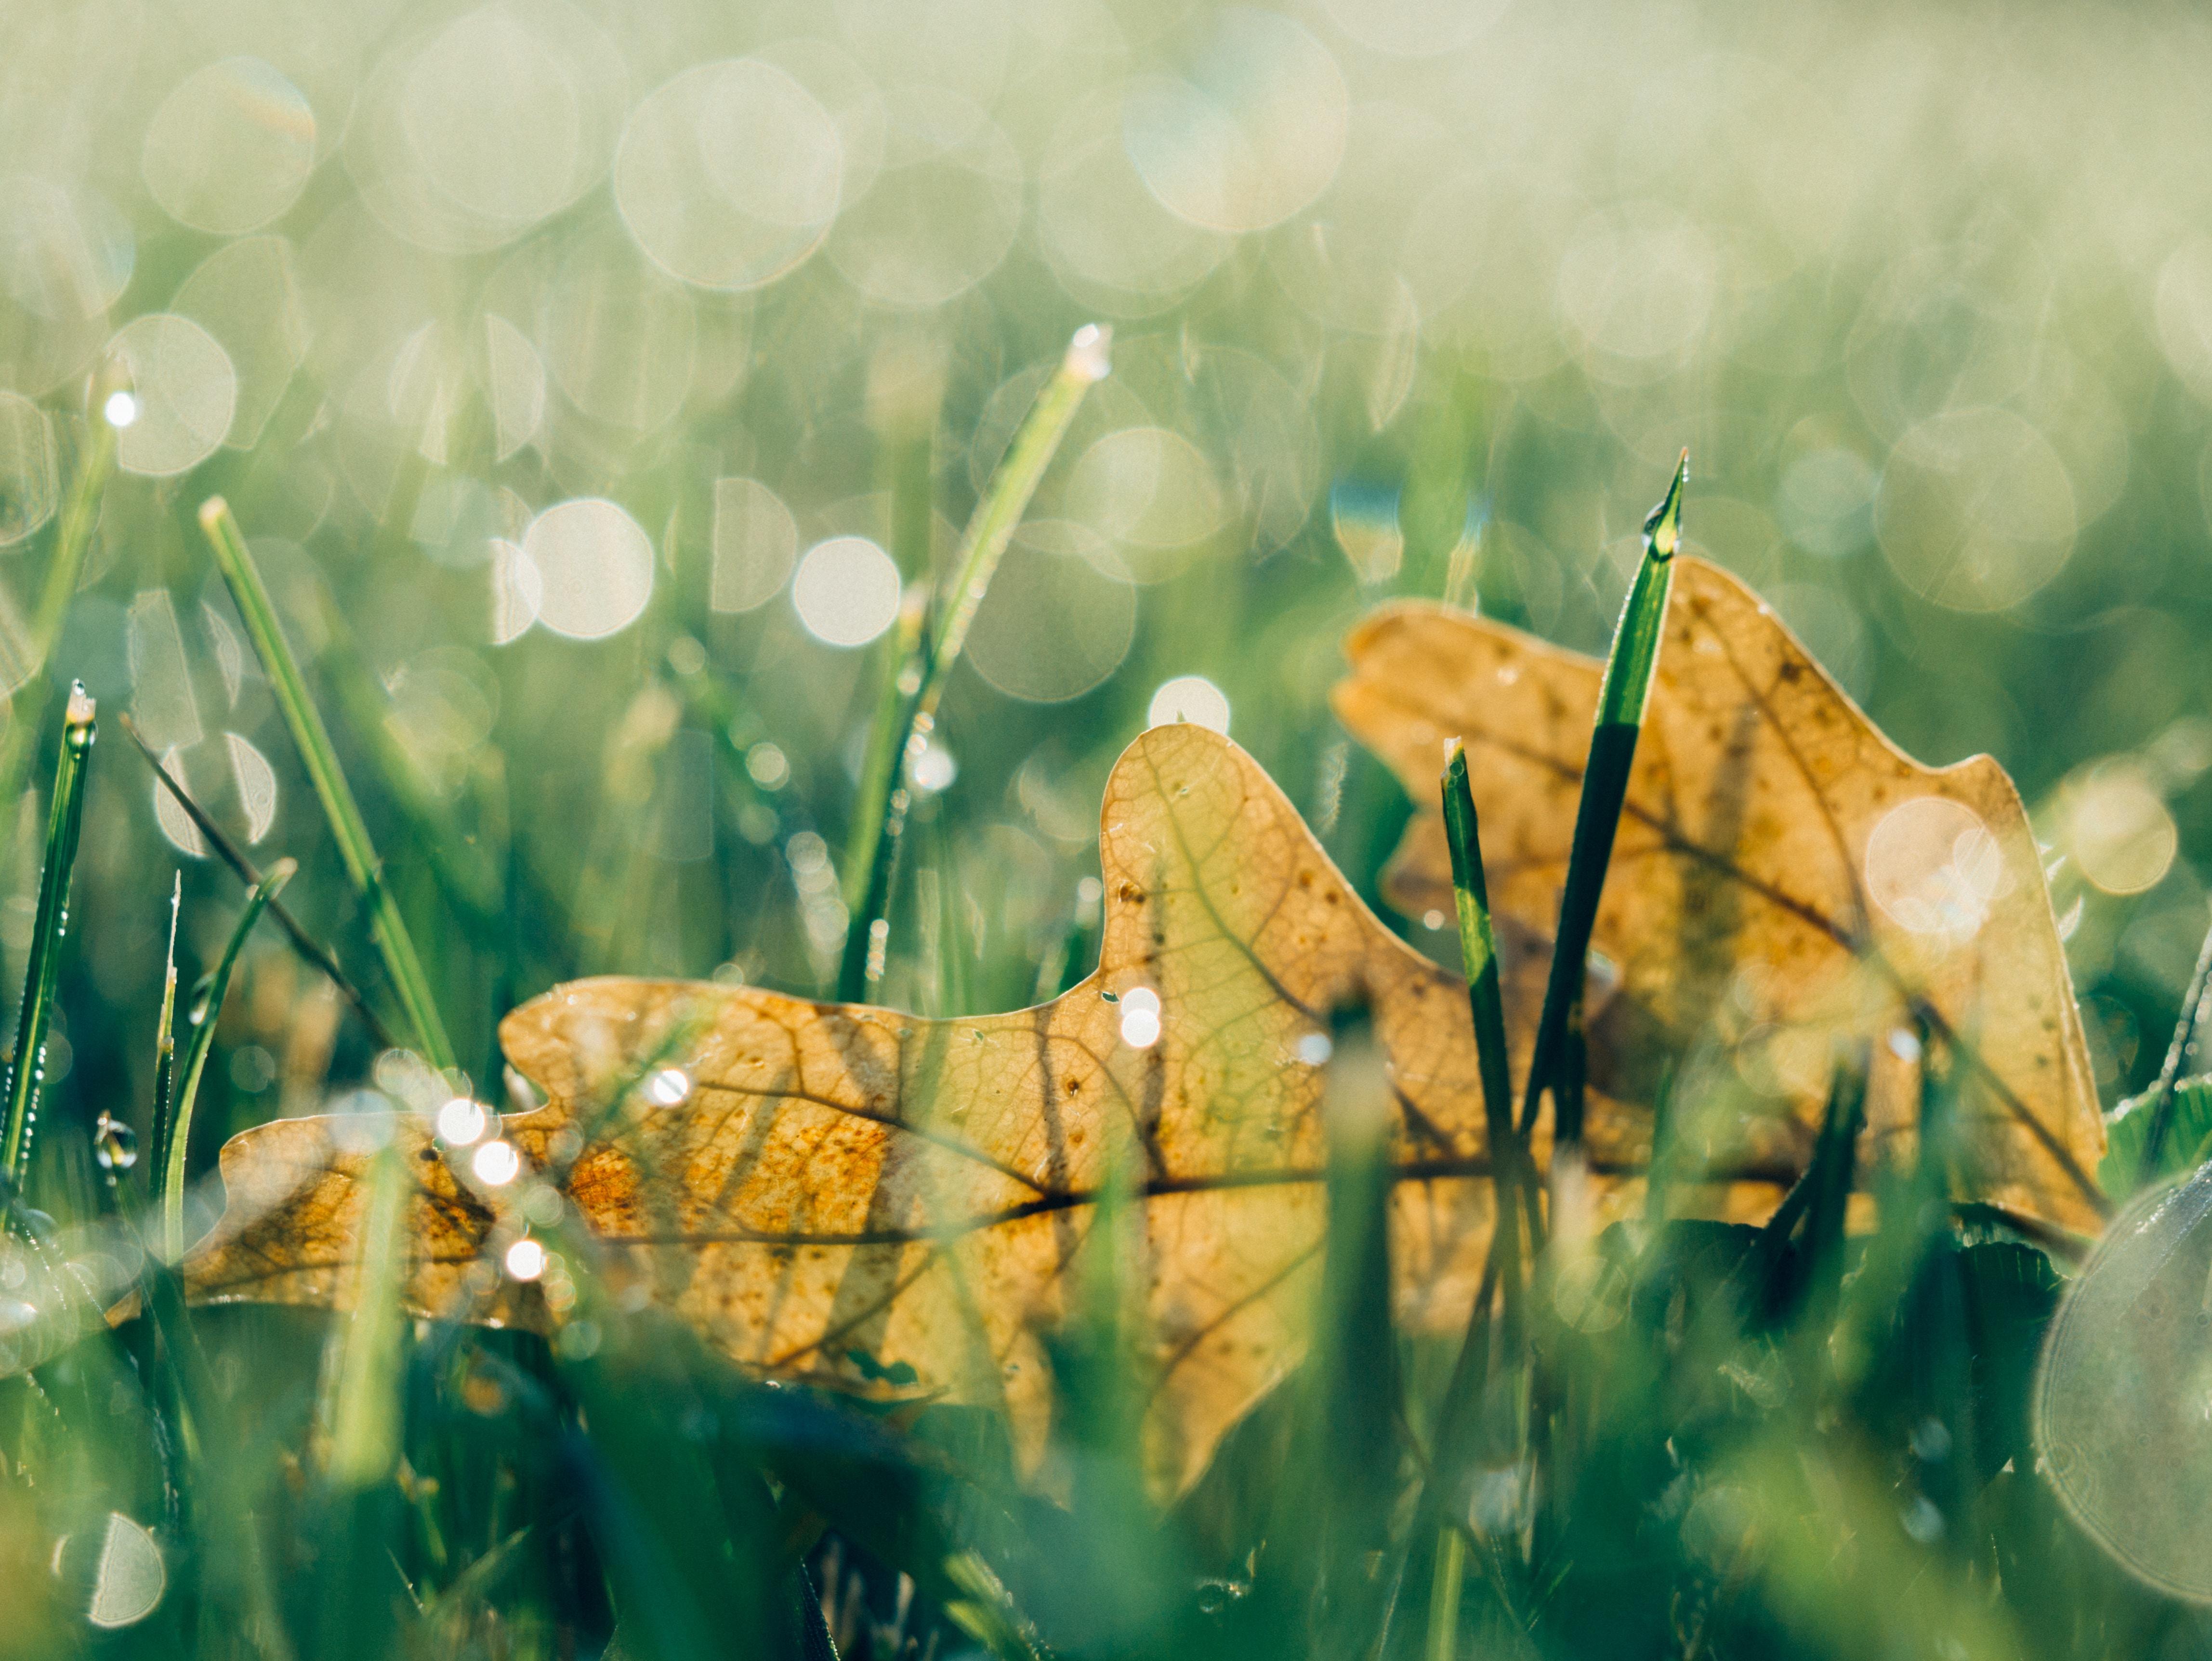 Brown leaves fallen in a dewy grassy field